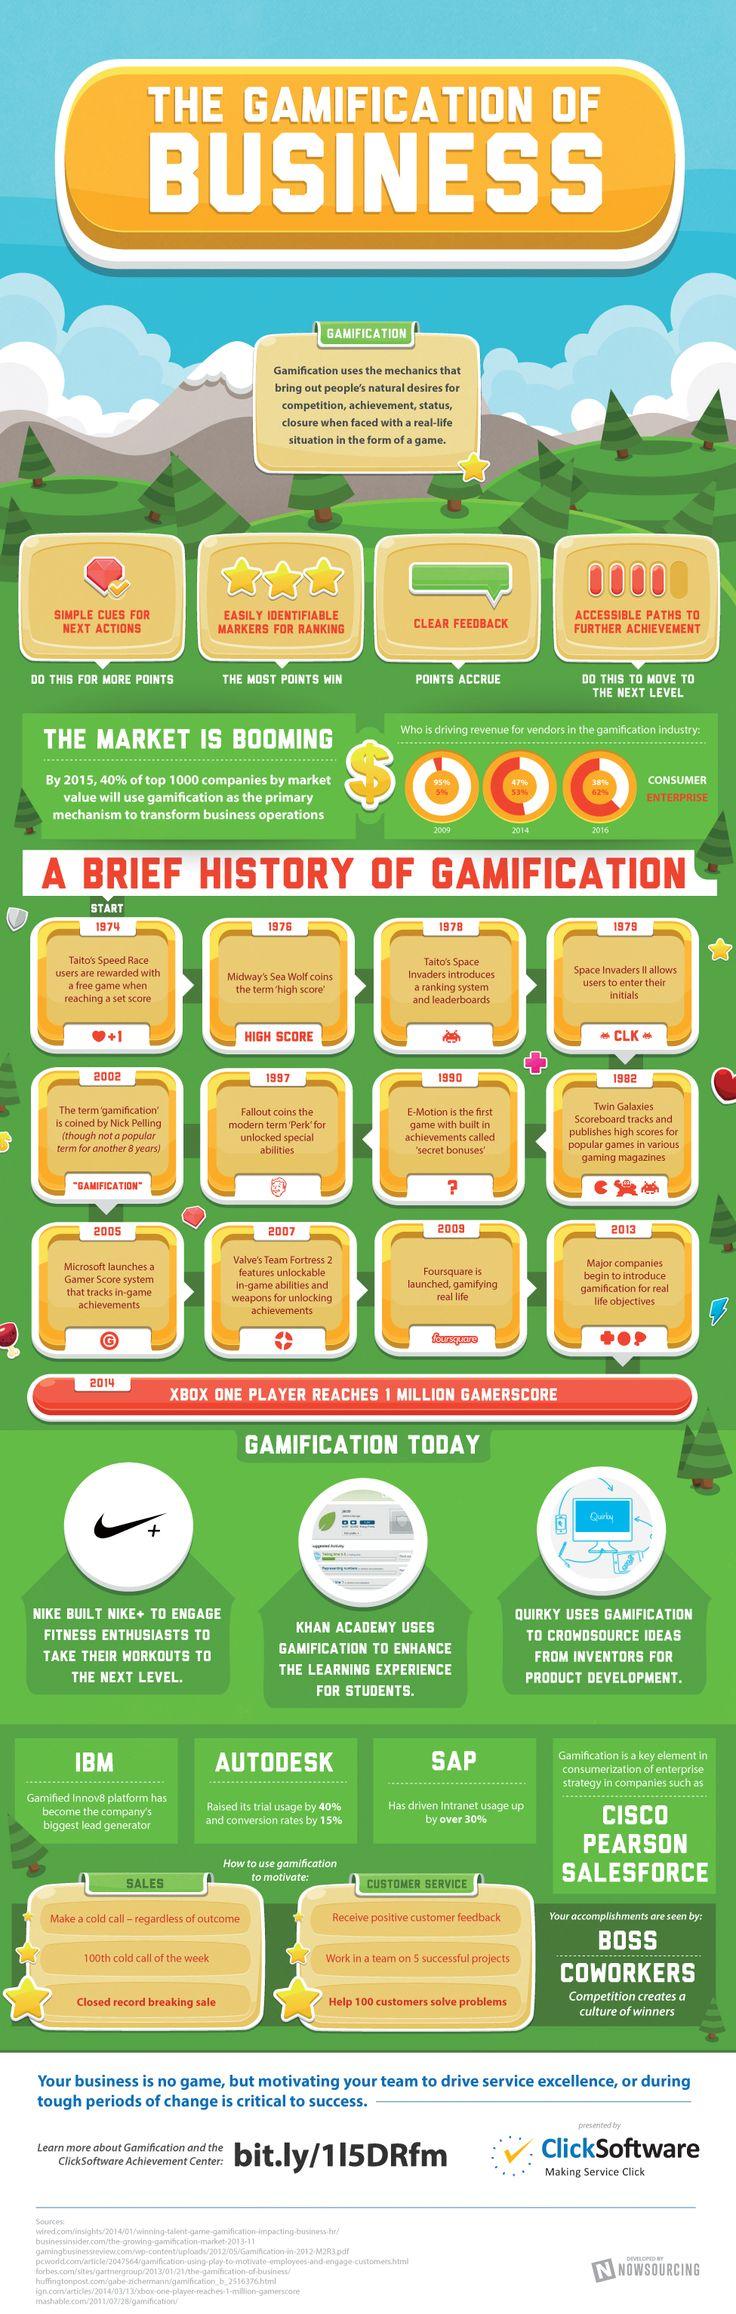 Como funciona a gamificação